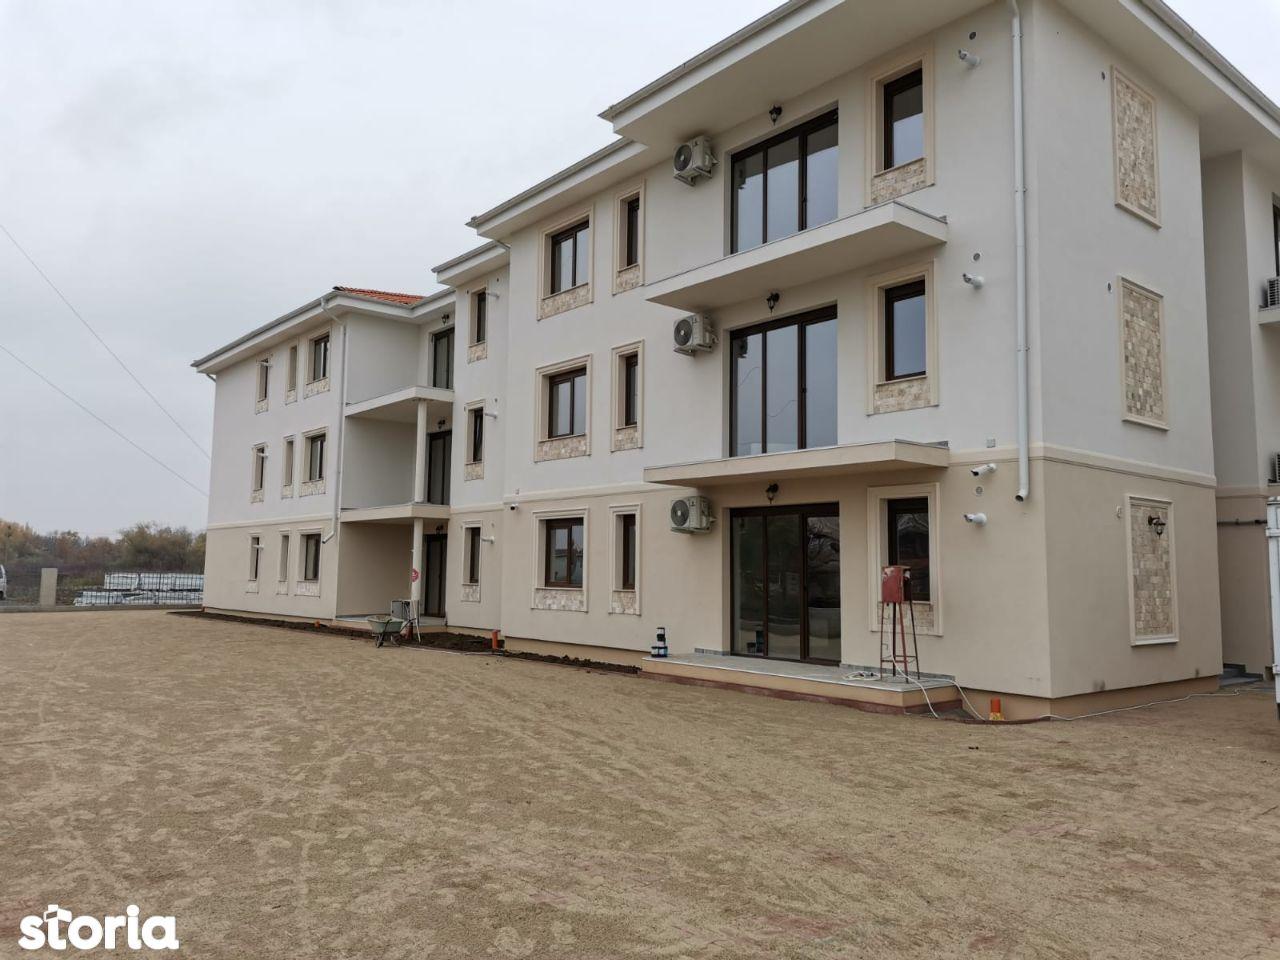 Proiect nou in piata / braytim - apartamente cu 1/2 camere !!